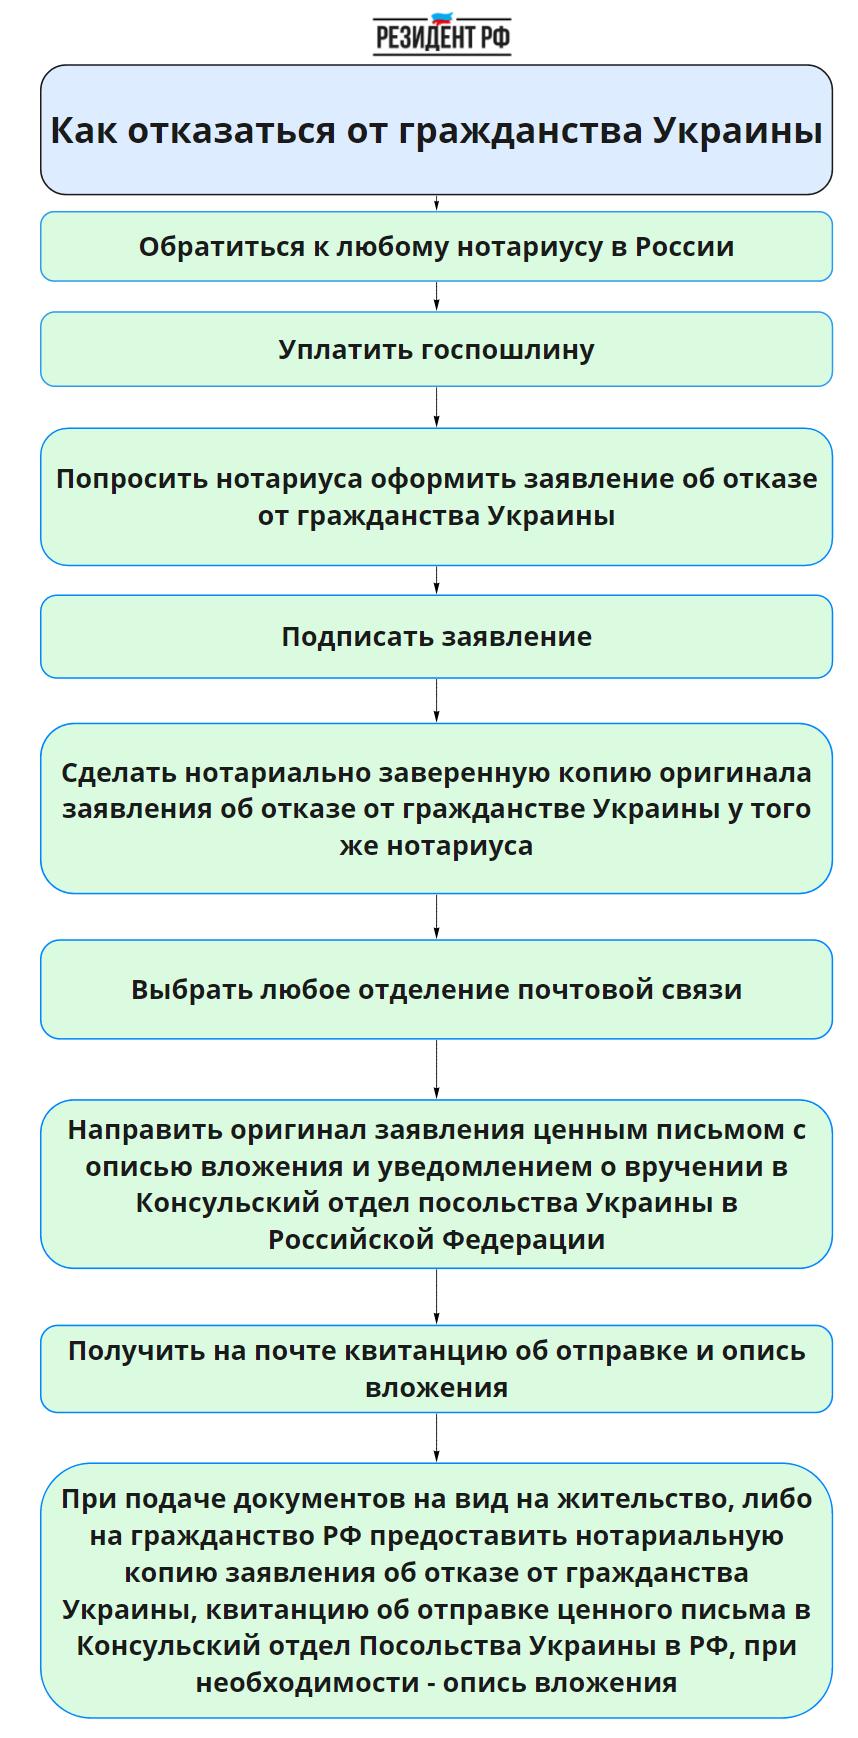 Отчет п4 как заполнять инструкция